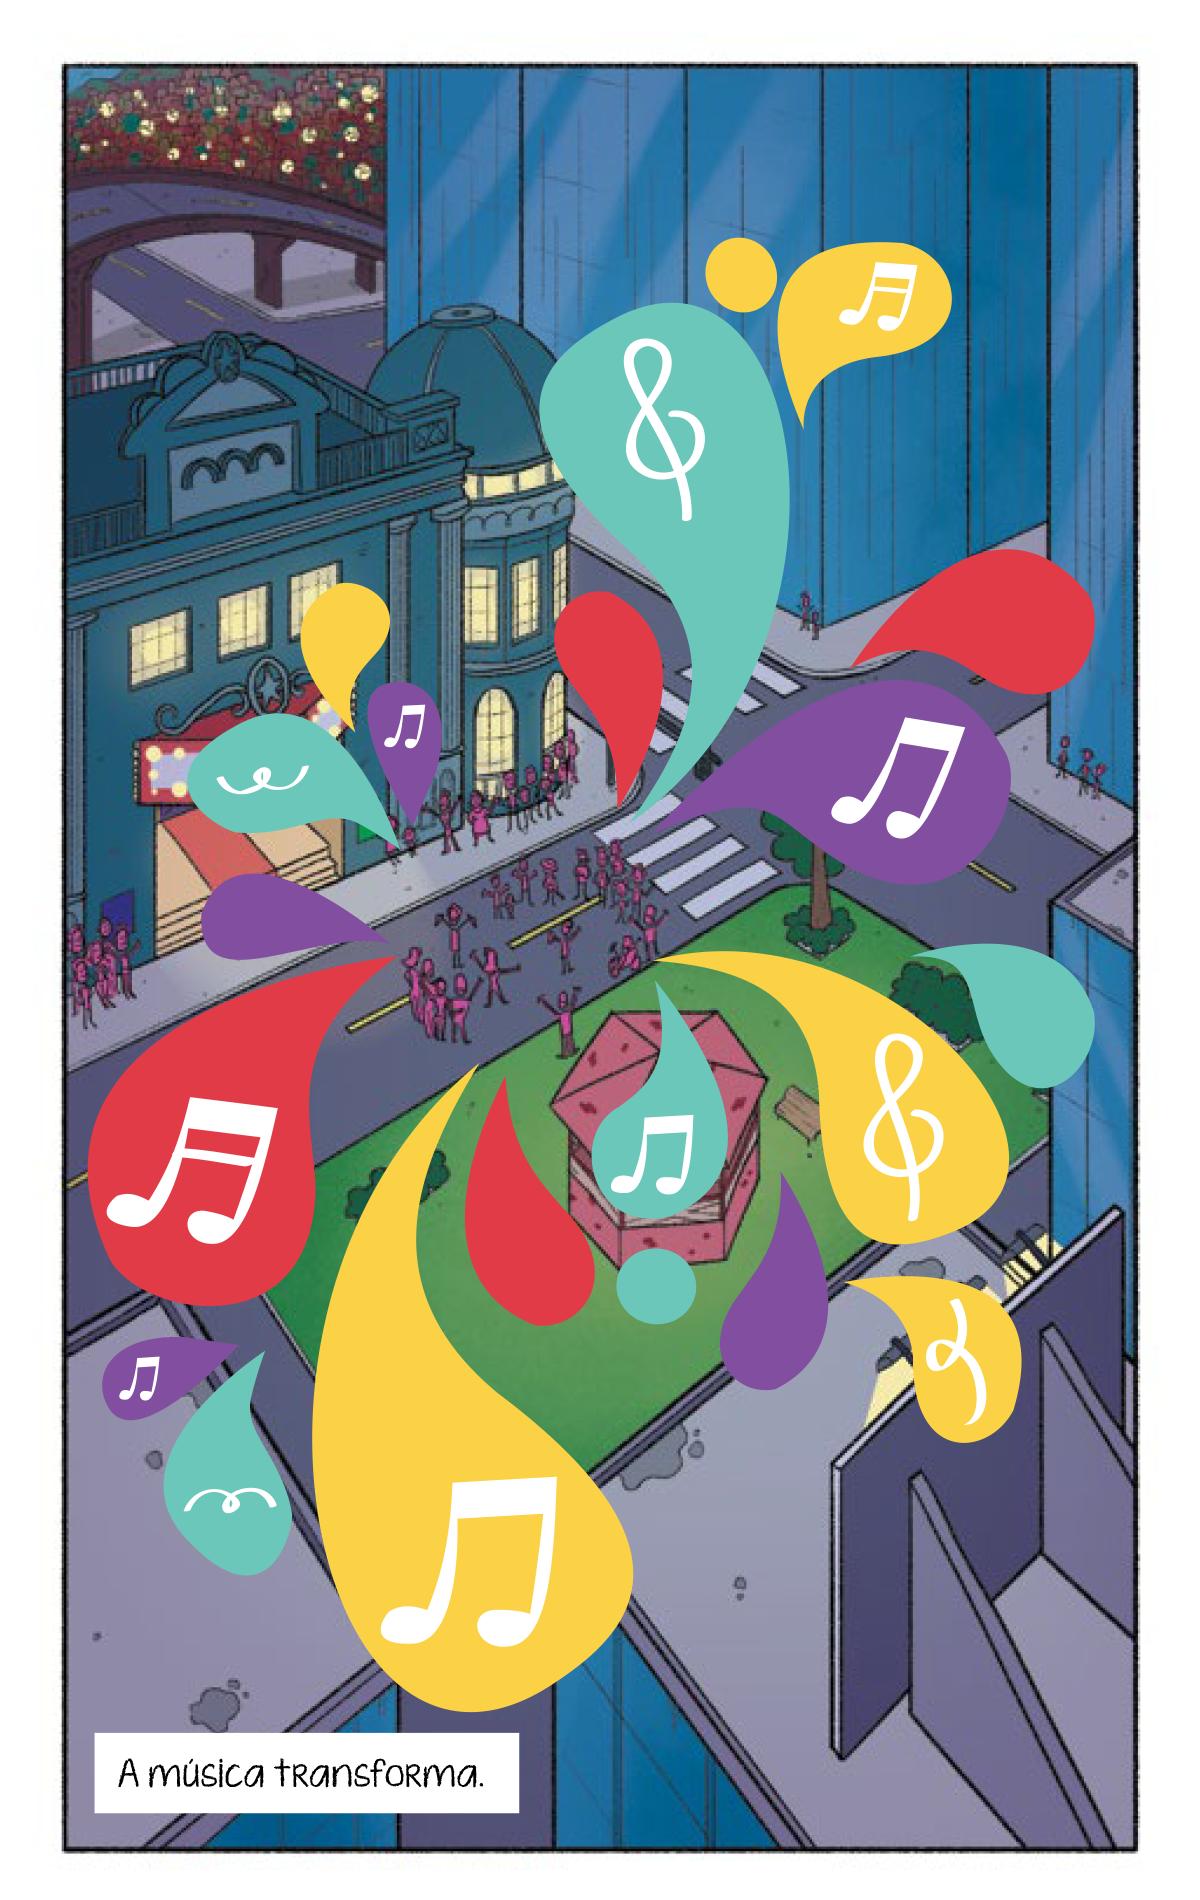 Quadro 1: As notas musicais se espalham por toda cidade. Contagiando todas as pessoas que estavam no teatro, na praça, ruas e prédios.